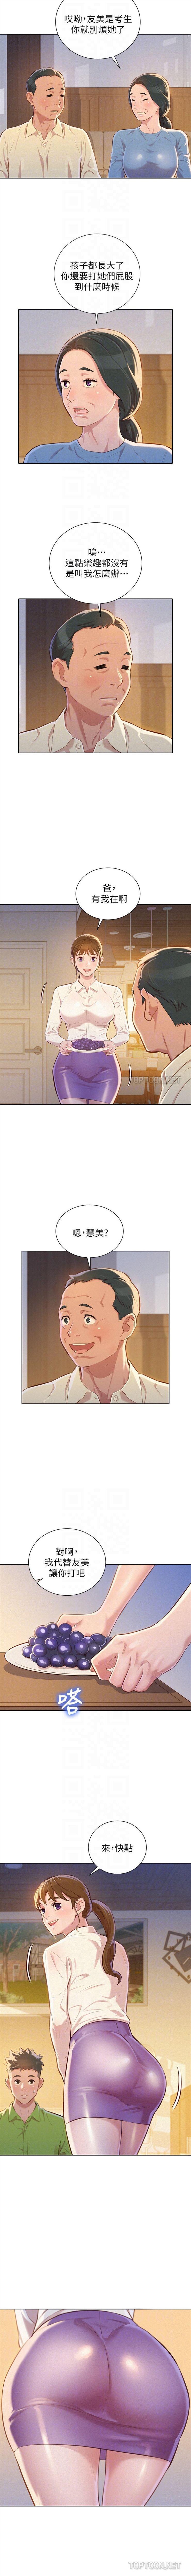 (周7)漂亮干姐姐  1-81 中文翻译 (更新中) 358